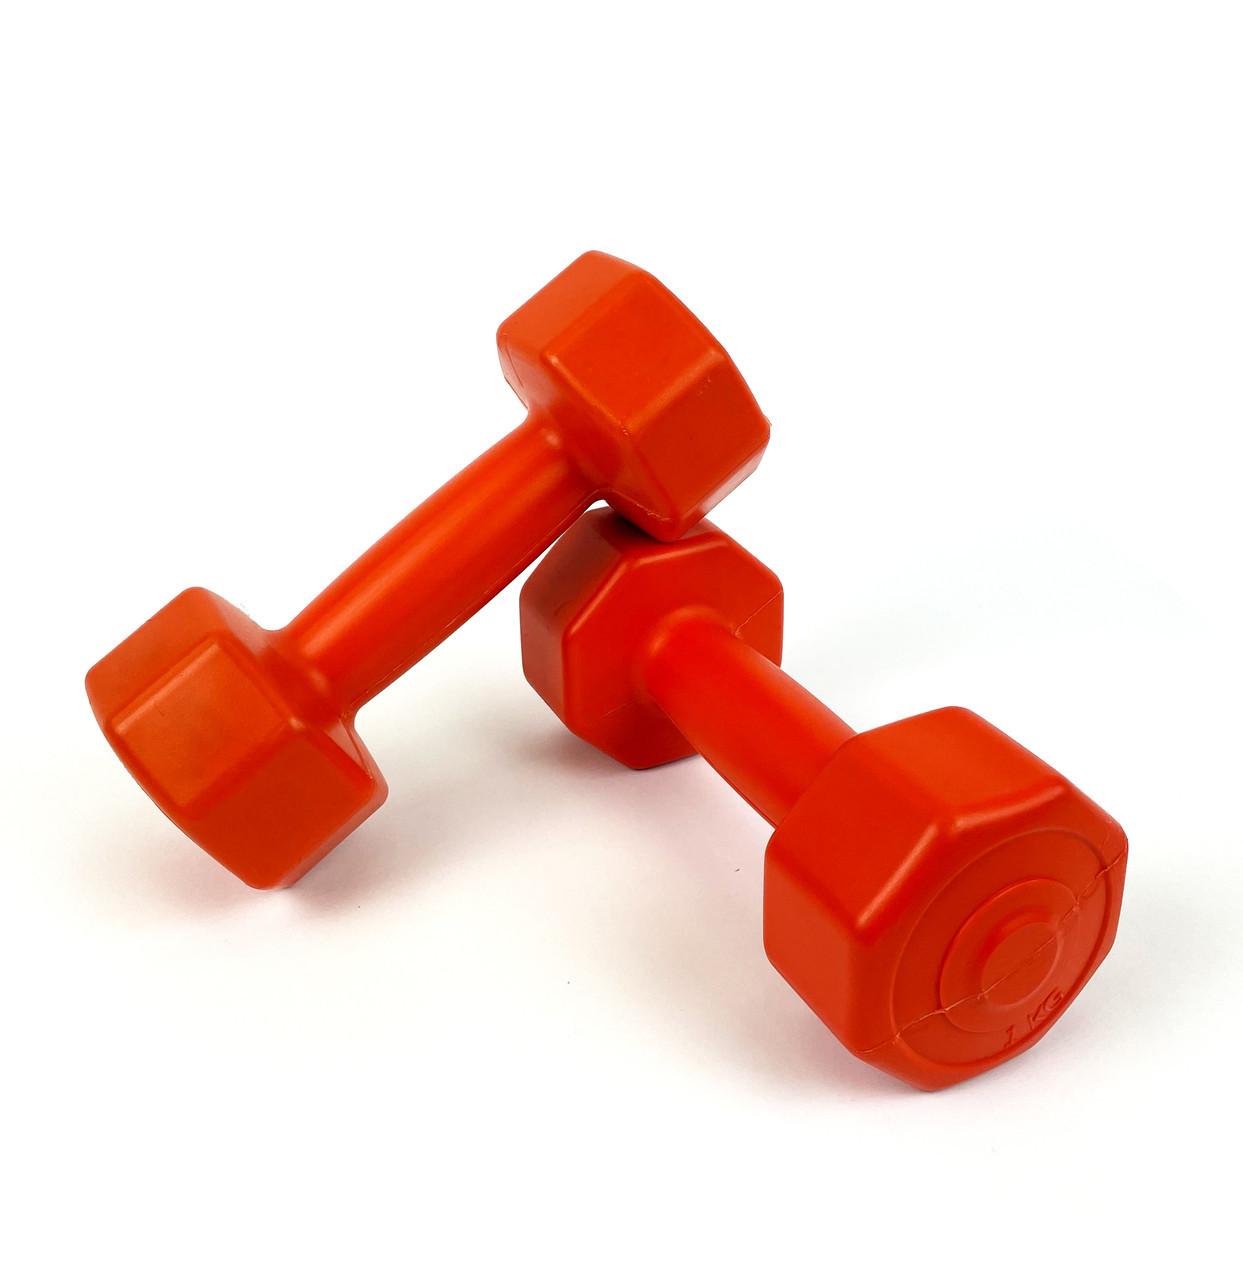 Гантели для фитнеса 2 шт. по 1 кг. , композит с пластиковым покрытием (оранжевый)